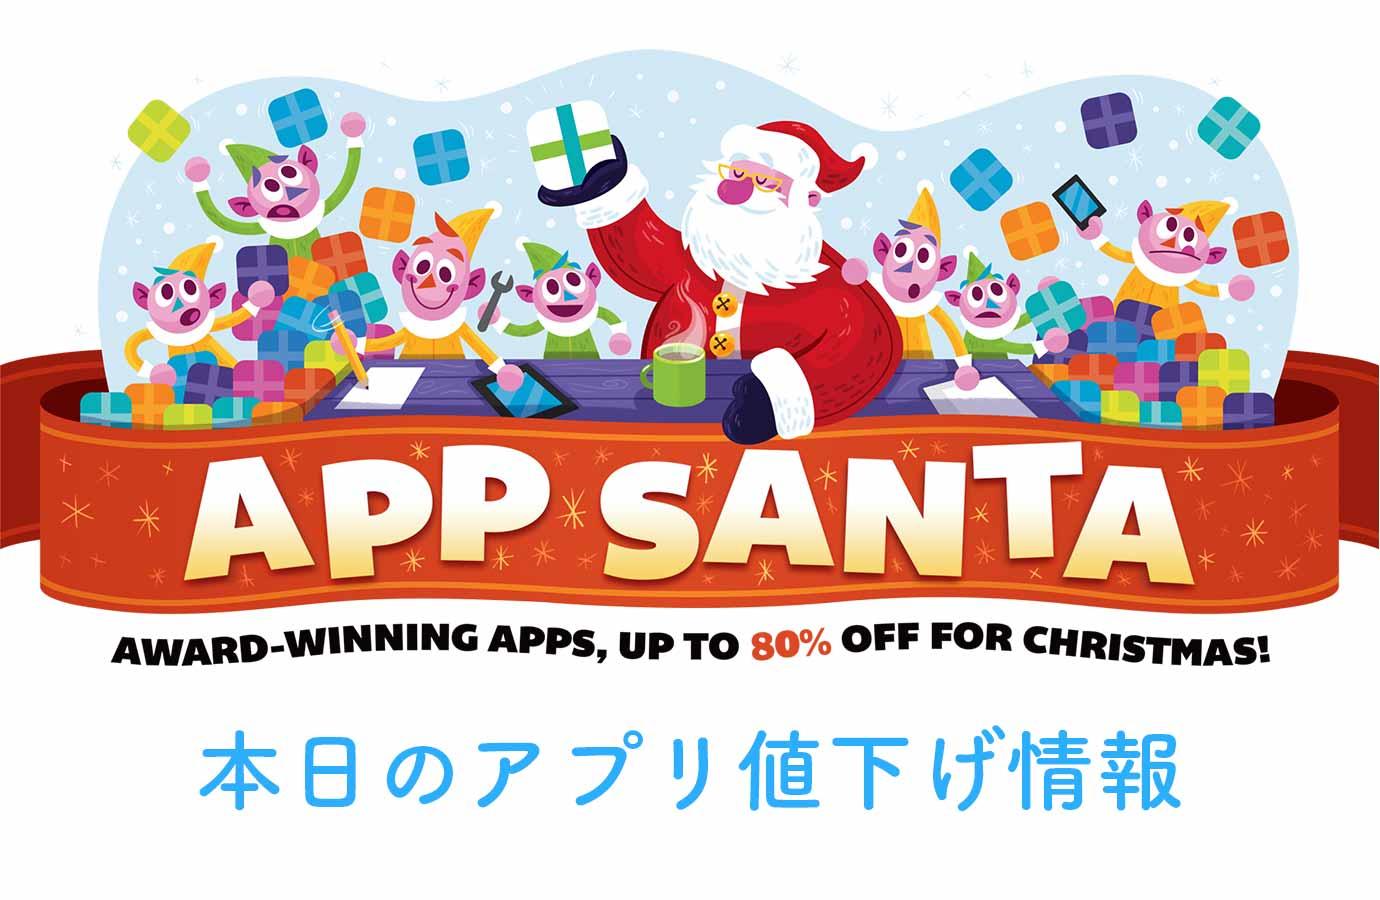 【最大80%オフ】毎年恒例App SantaのセールでiOS/Macの人気アプリが値下げ中!【12/23】アプリ値下げ情報